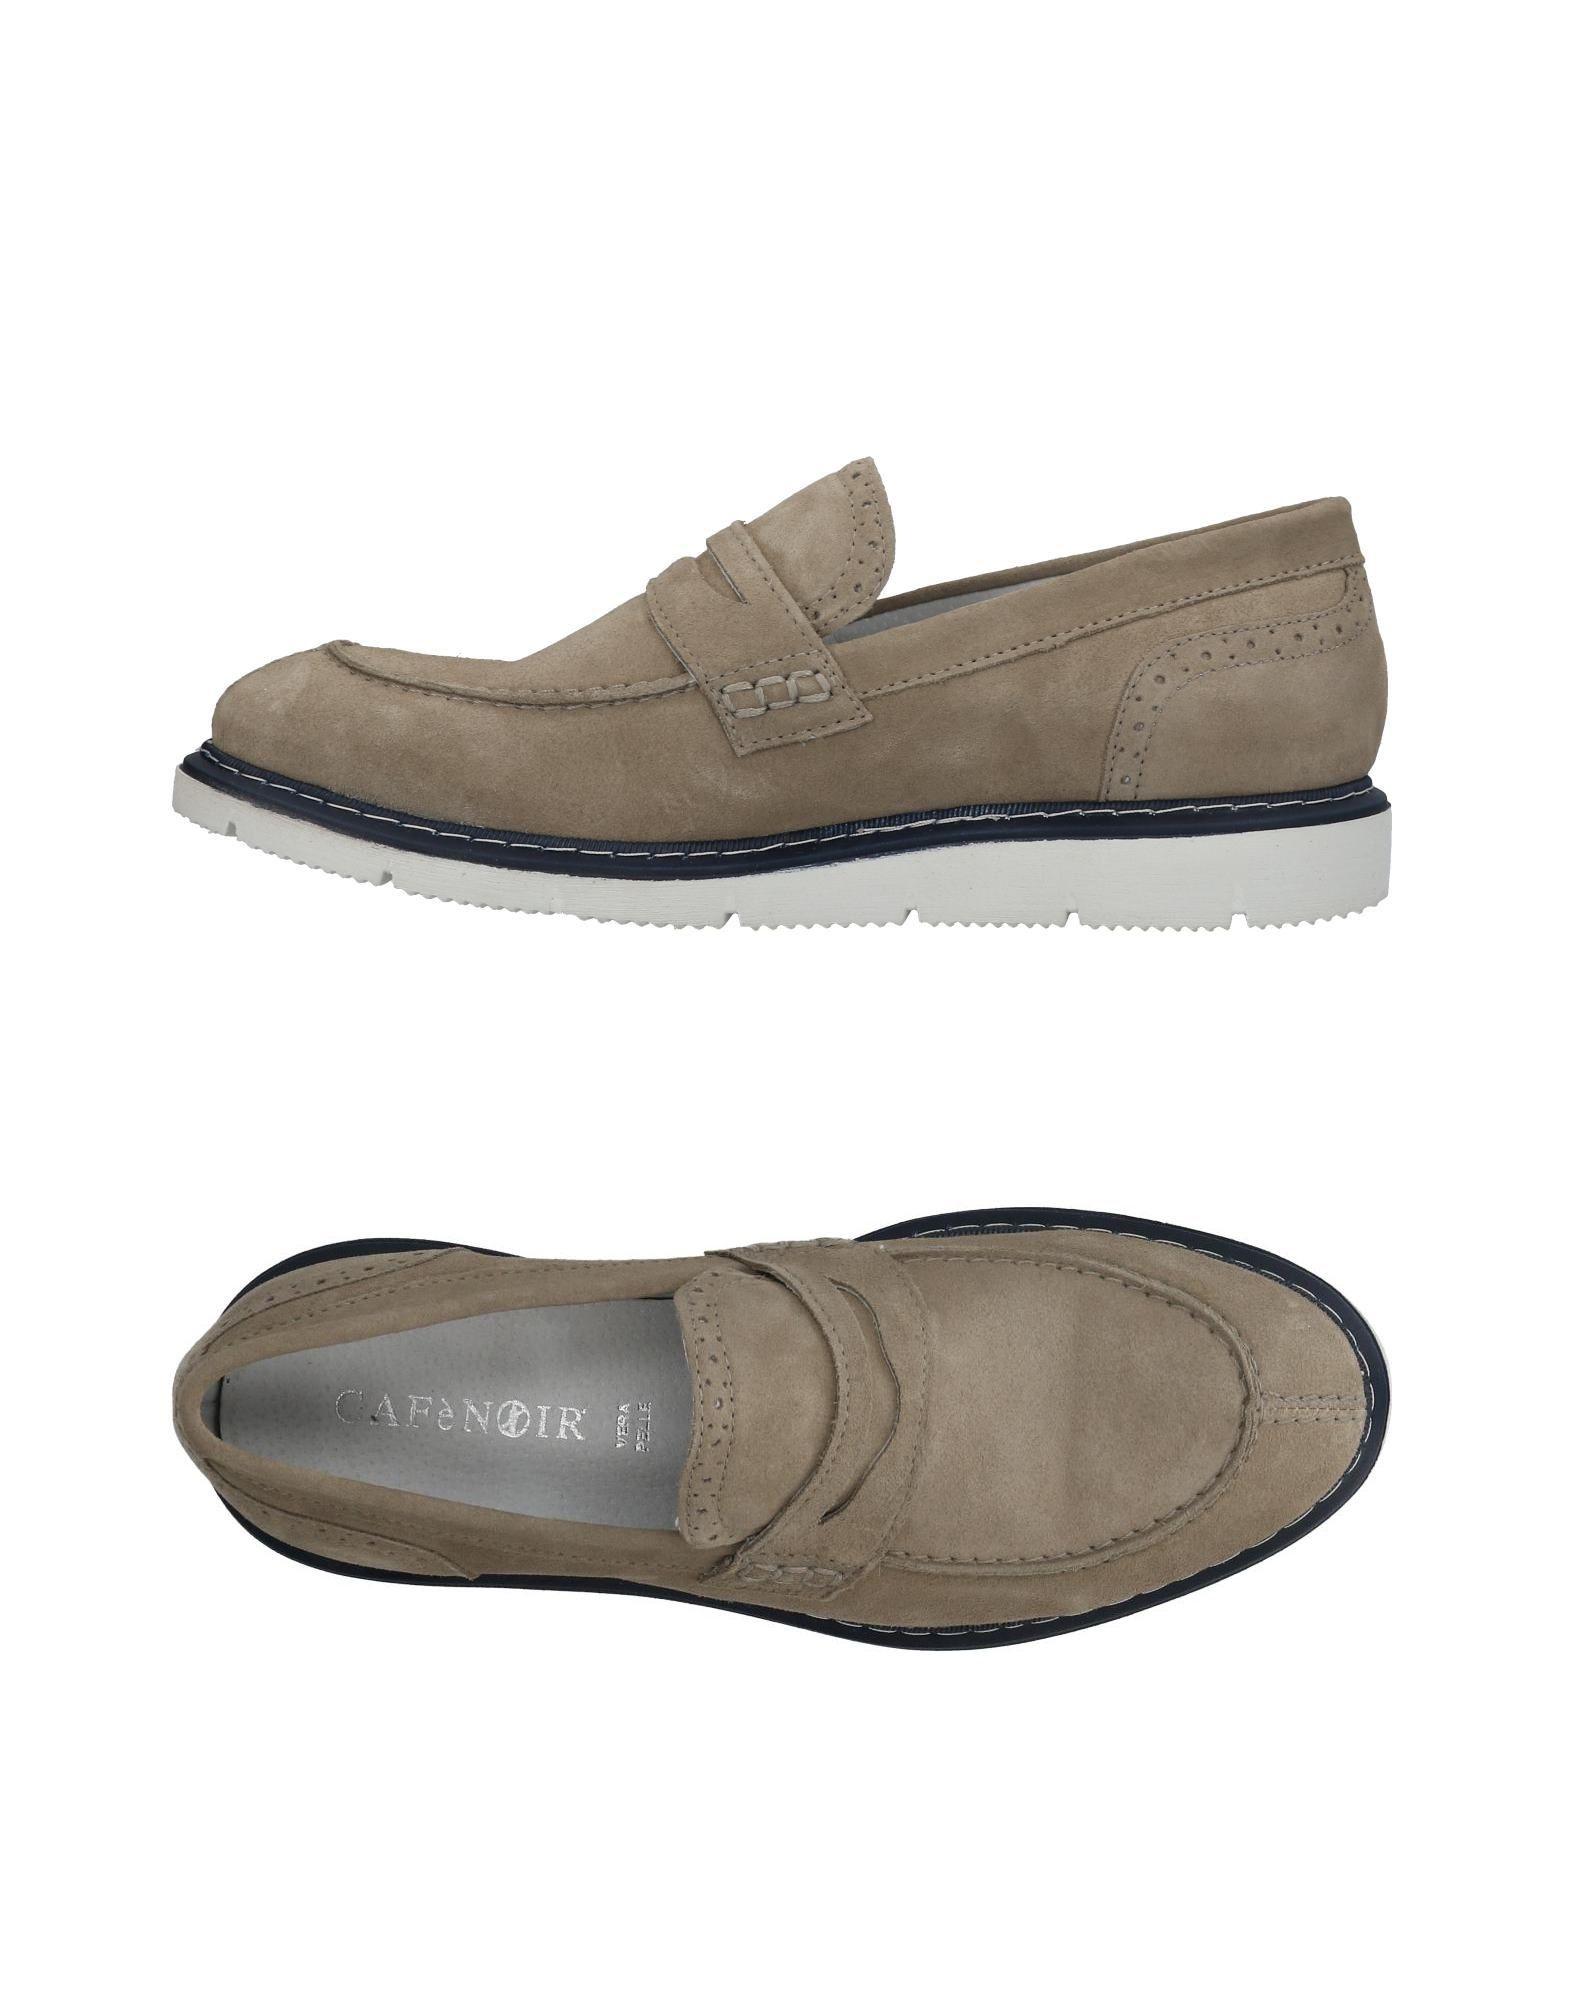 Zapatos de mujer baratos zapatos de mujer Mocasines  Mocasín Cafènoir Hombre - Mocasines mujer Cafènoir 37cacd